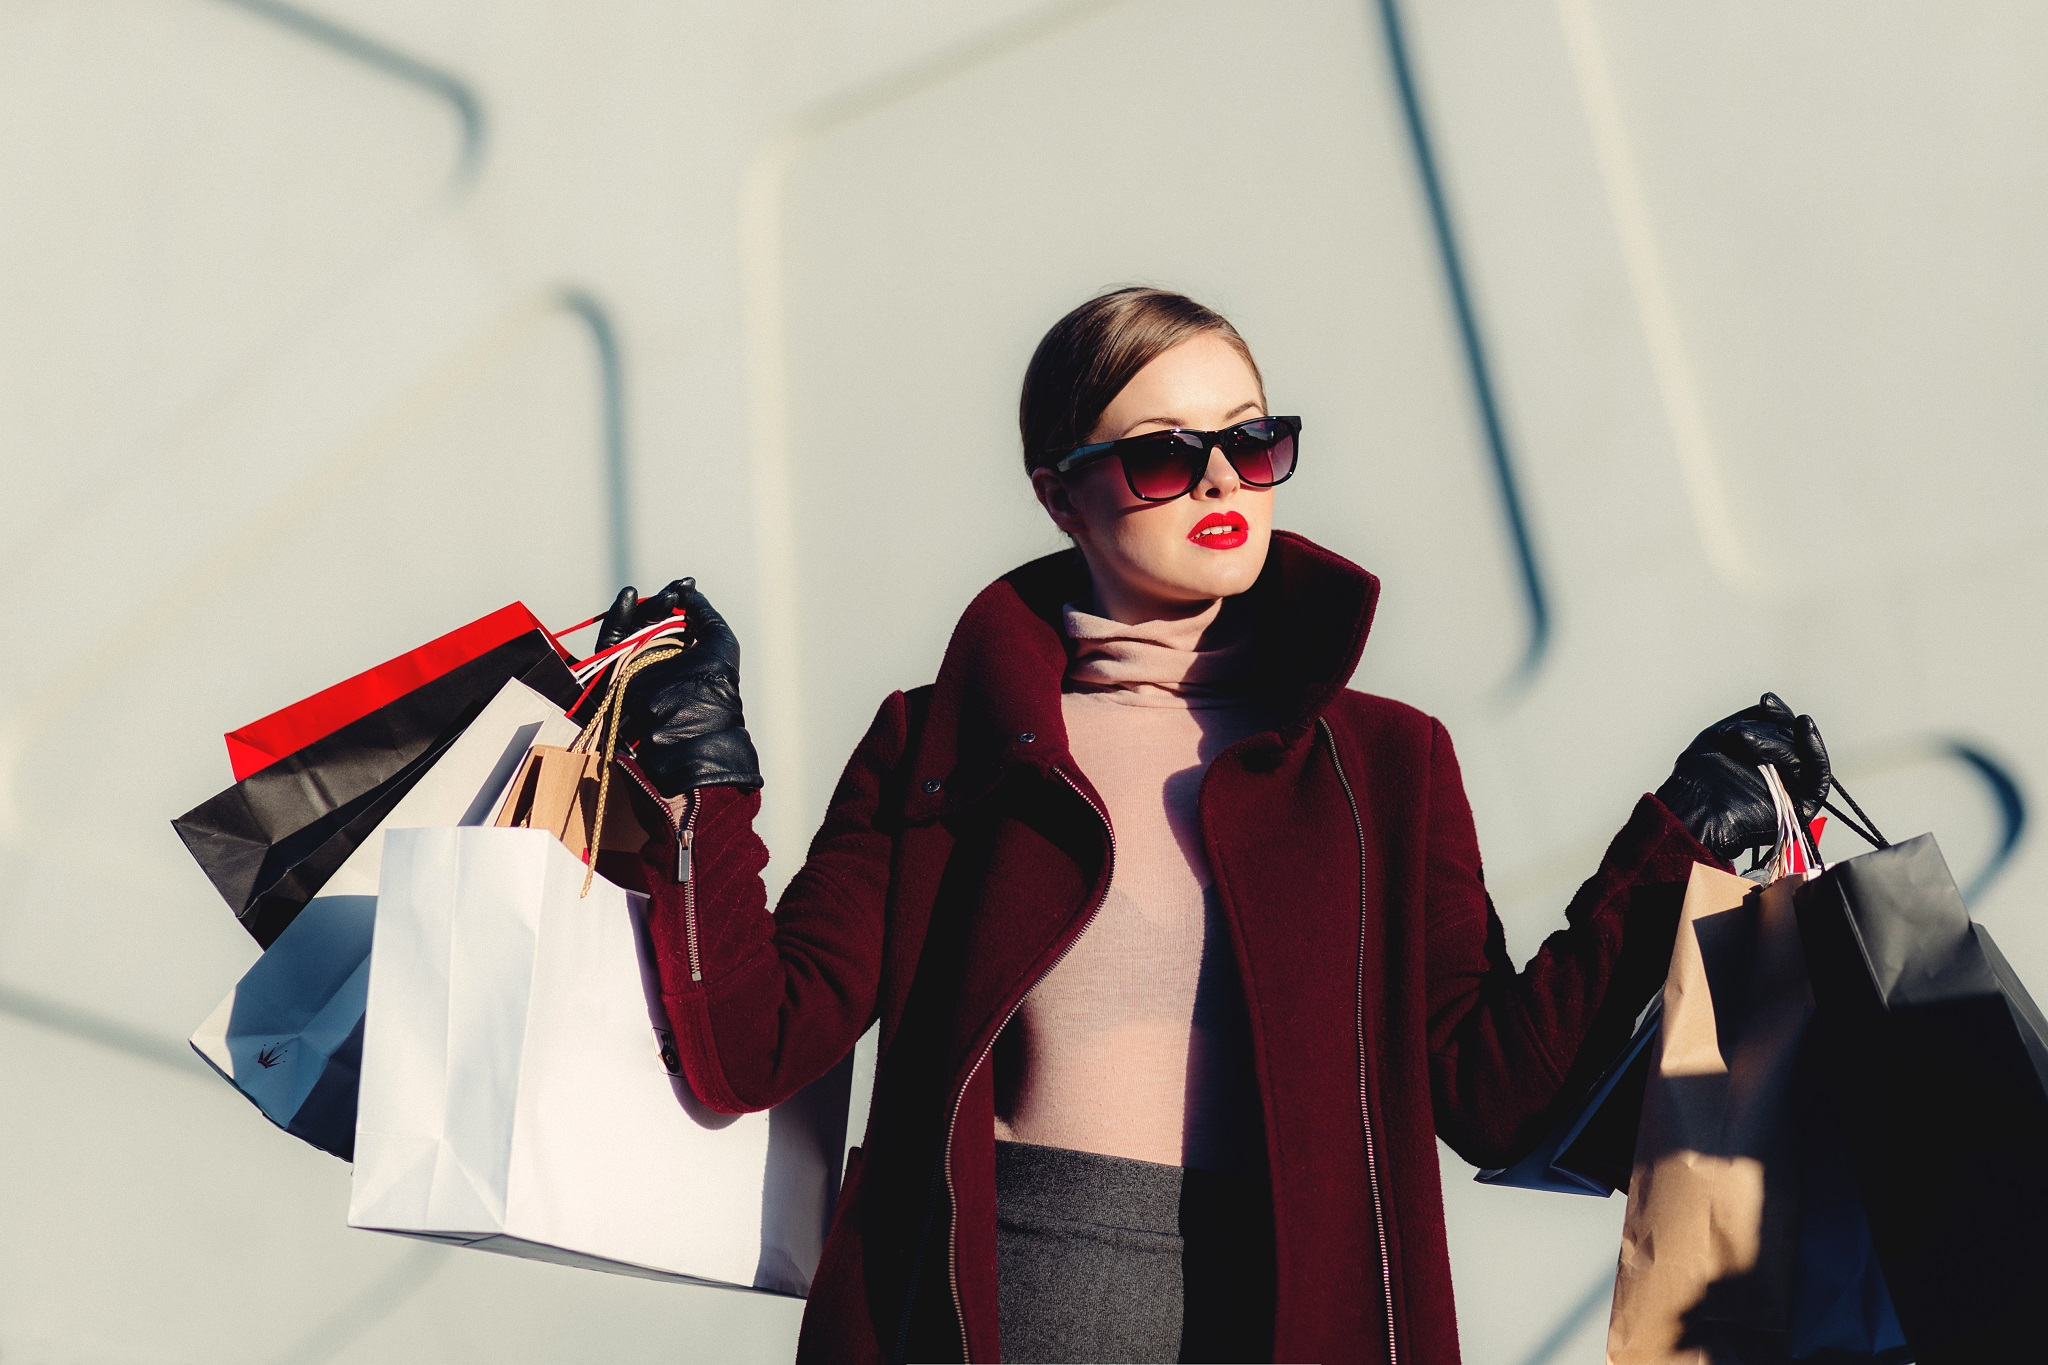 Chanel Sungles De Fashionista Française Superbe Et élégant Réduction Ccs441